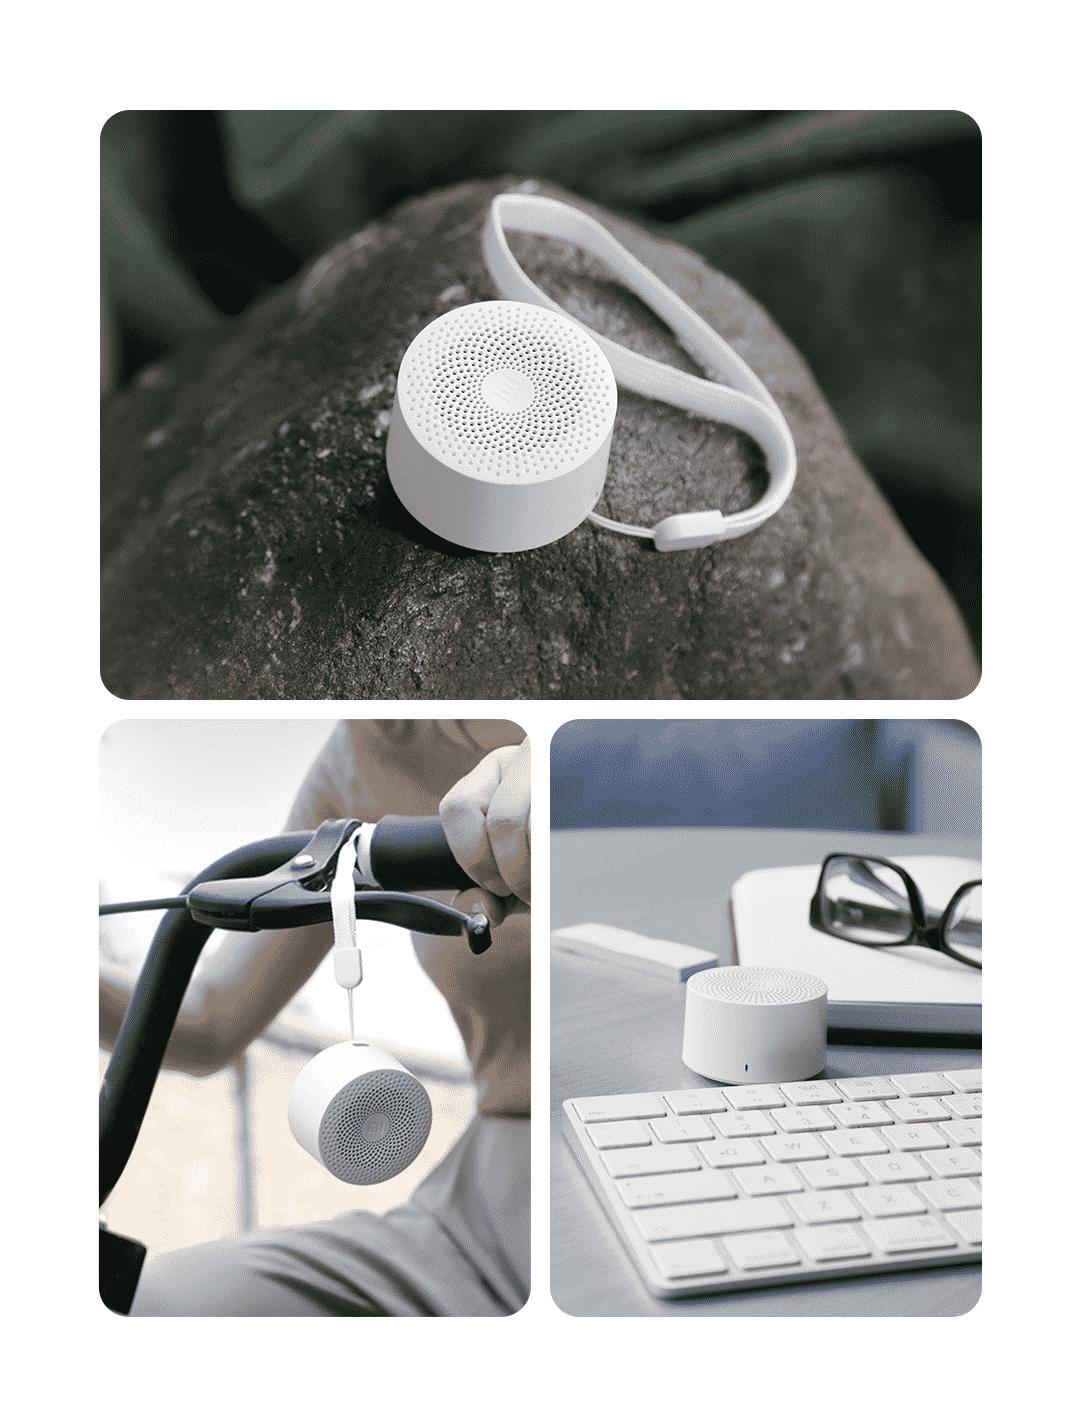 2ffb1fb6 951b 4da9 8600 6dba86063f1a - Mi Compact Bluetooth Speaker 2 ลำโพงบลูทูธเสียงดี ราคาแค่ 299 บาท